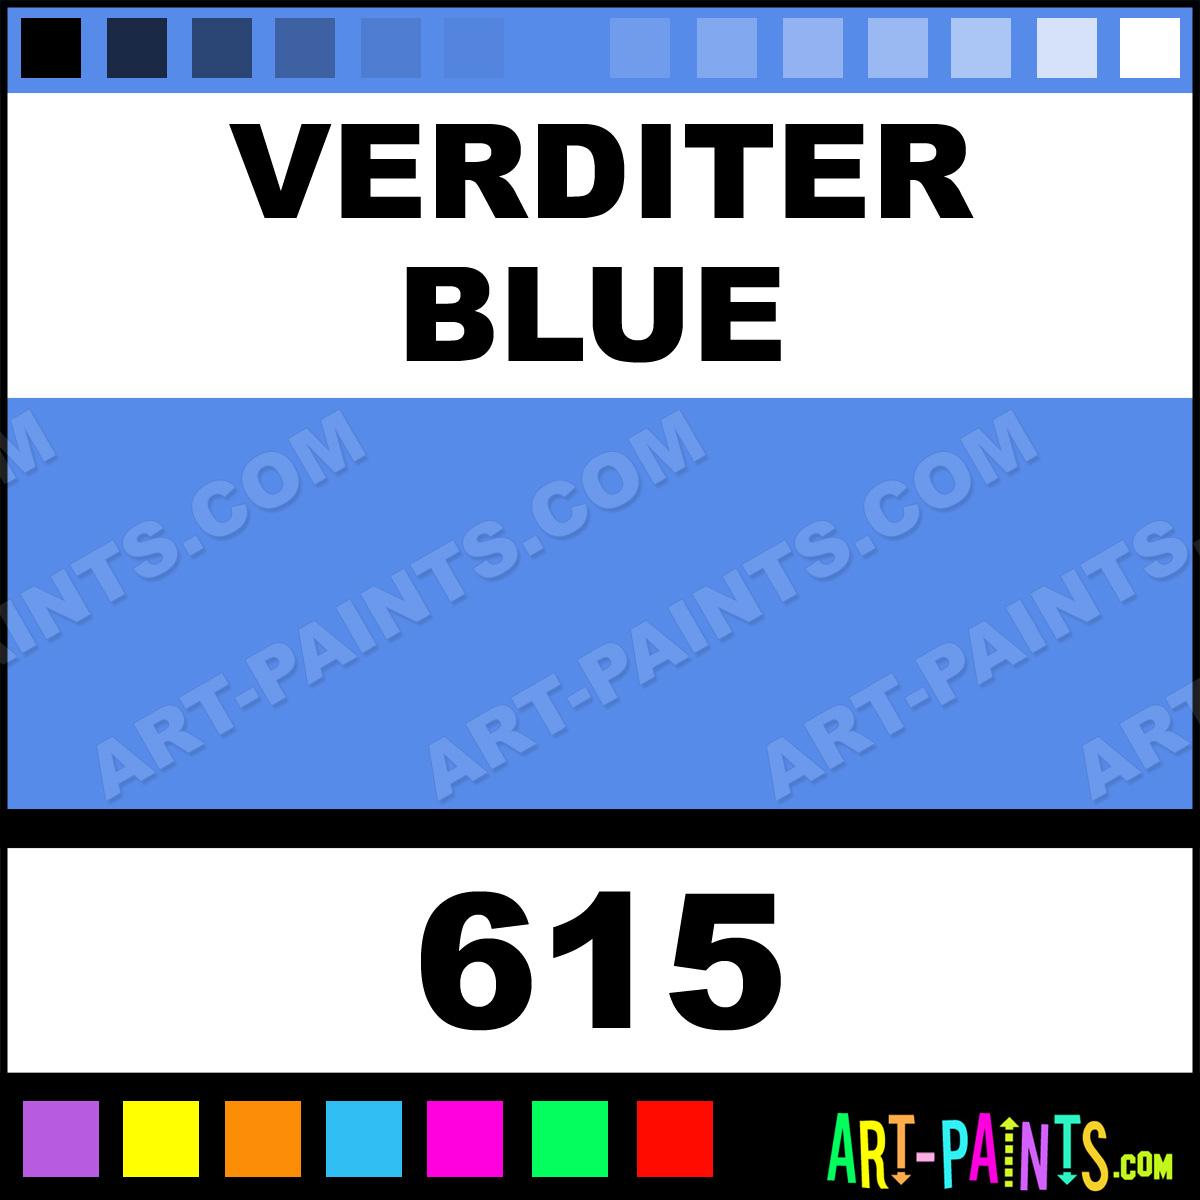 Verditer Blue Premium Watercolor Paints 615 Verditer